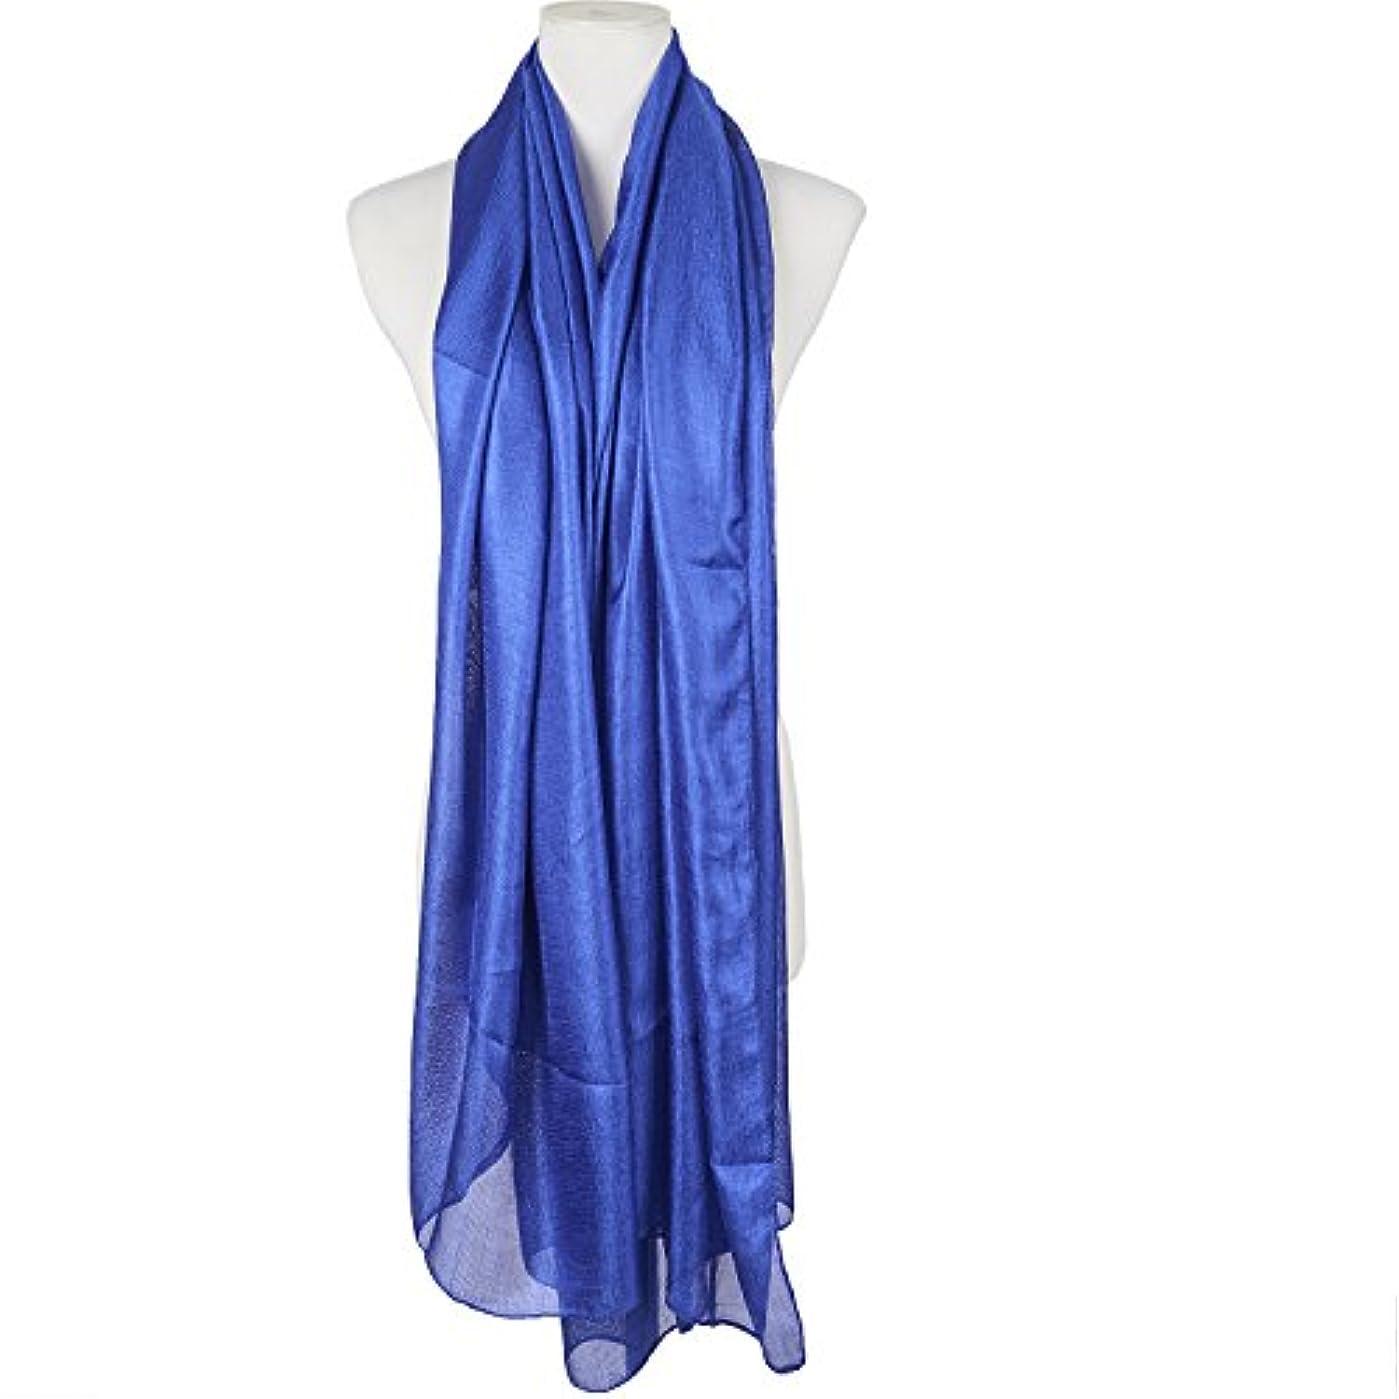 哲学疑問を超えてエクスタシーレディース 薄手 大判ストール 綿麻 UVカット&冷房対策 春 夏 秋 母への スカーフ